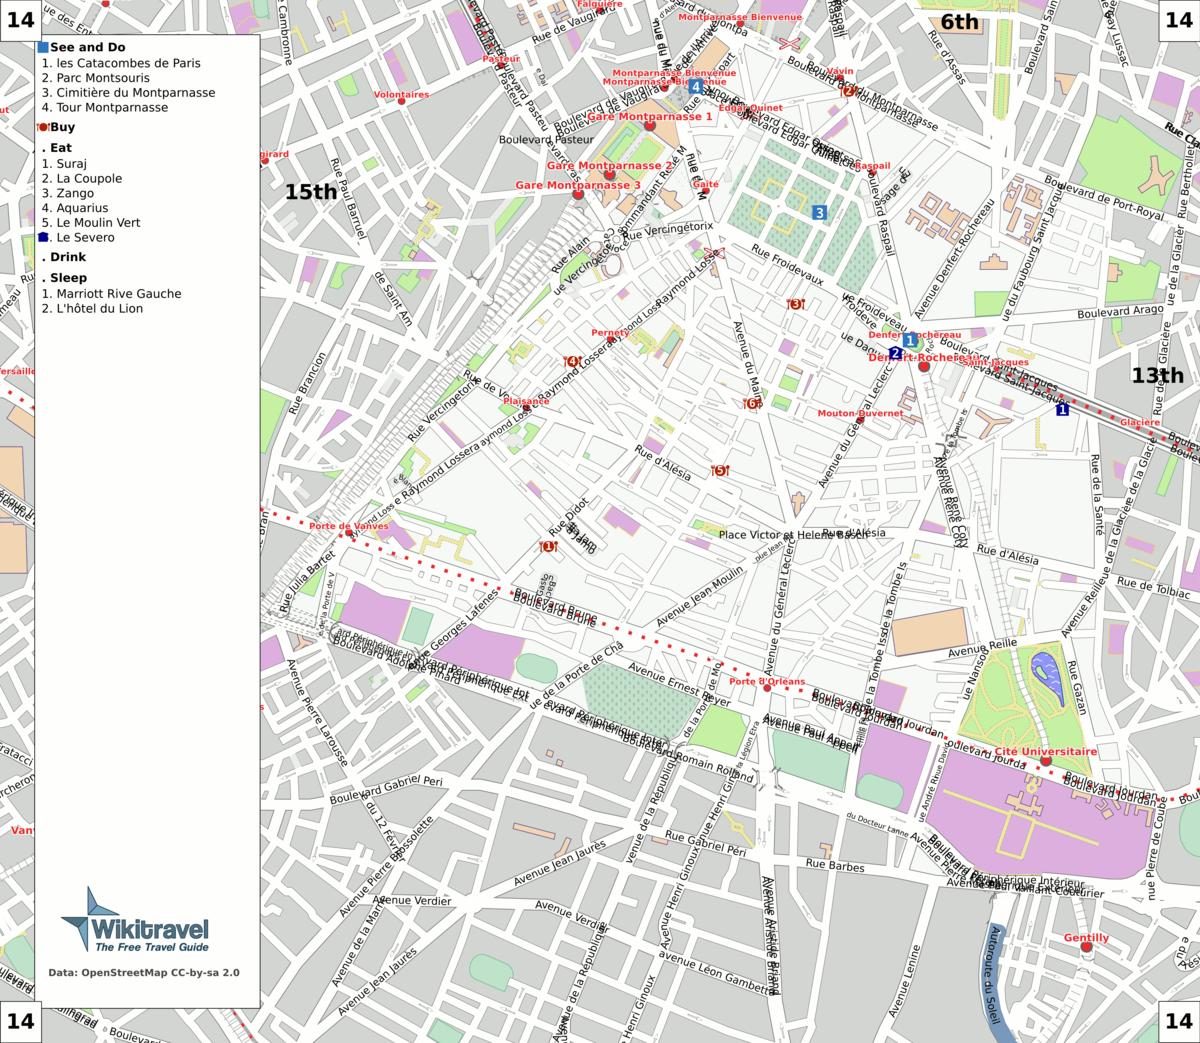 liste des voies du 14e arrondissement de paris wikip dia. Black Bedroom Furniture Sets. Home Design Ideas